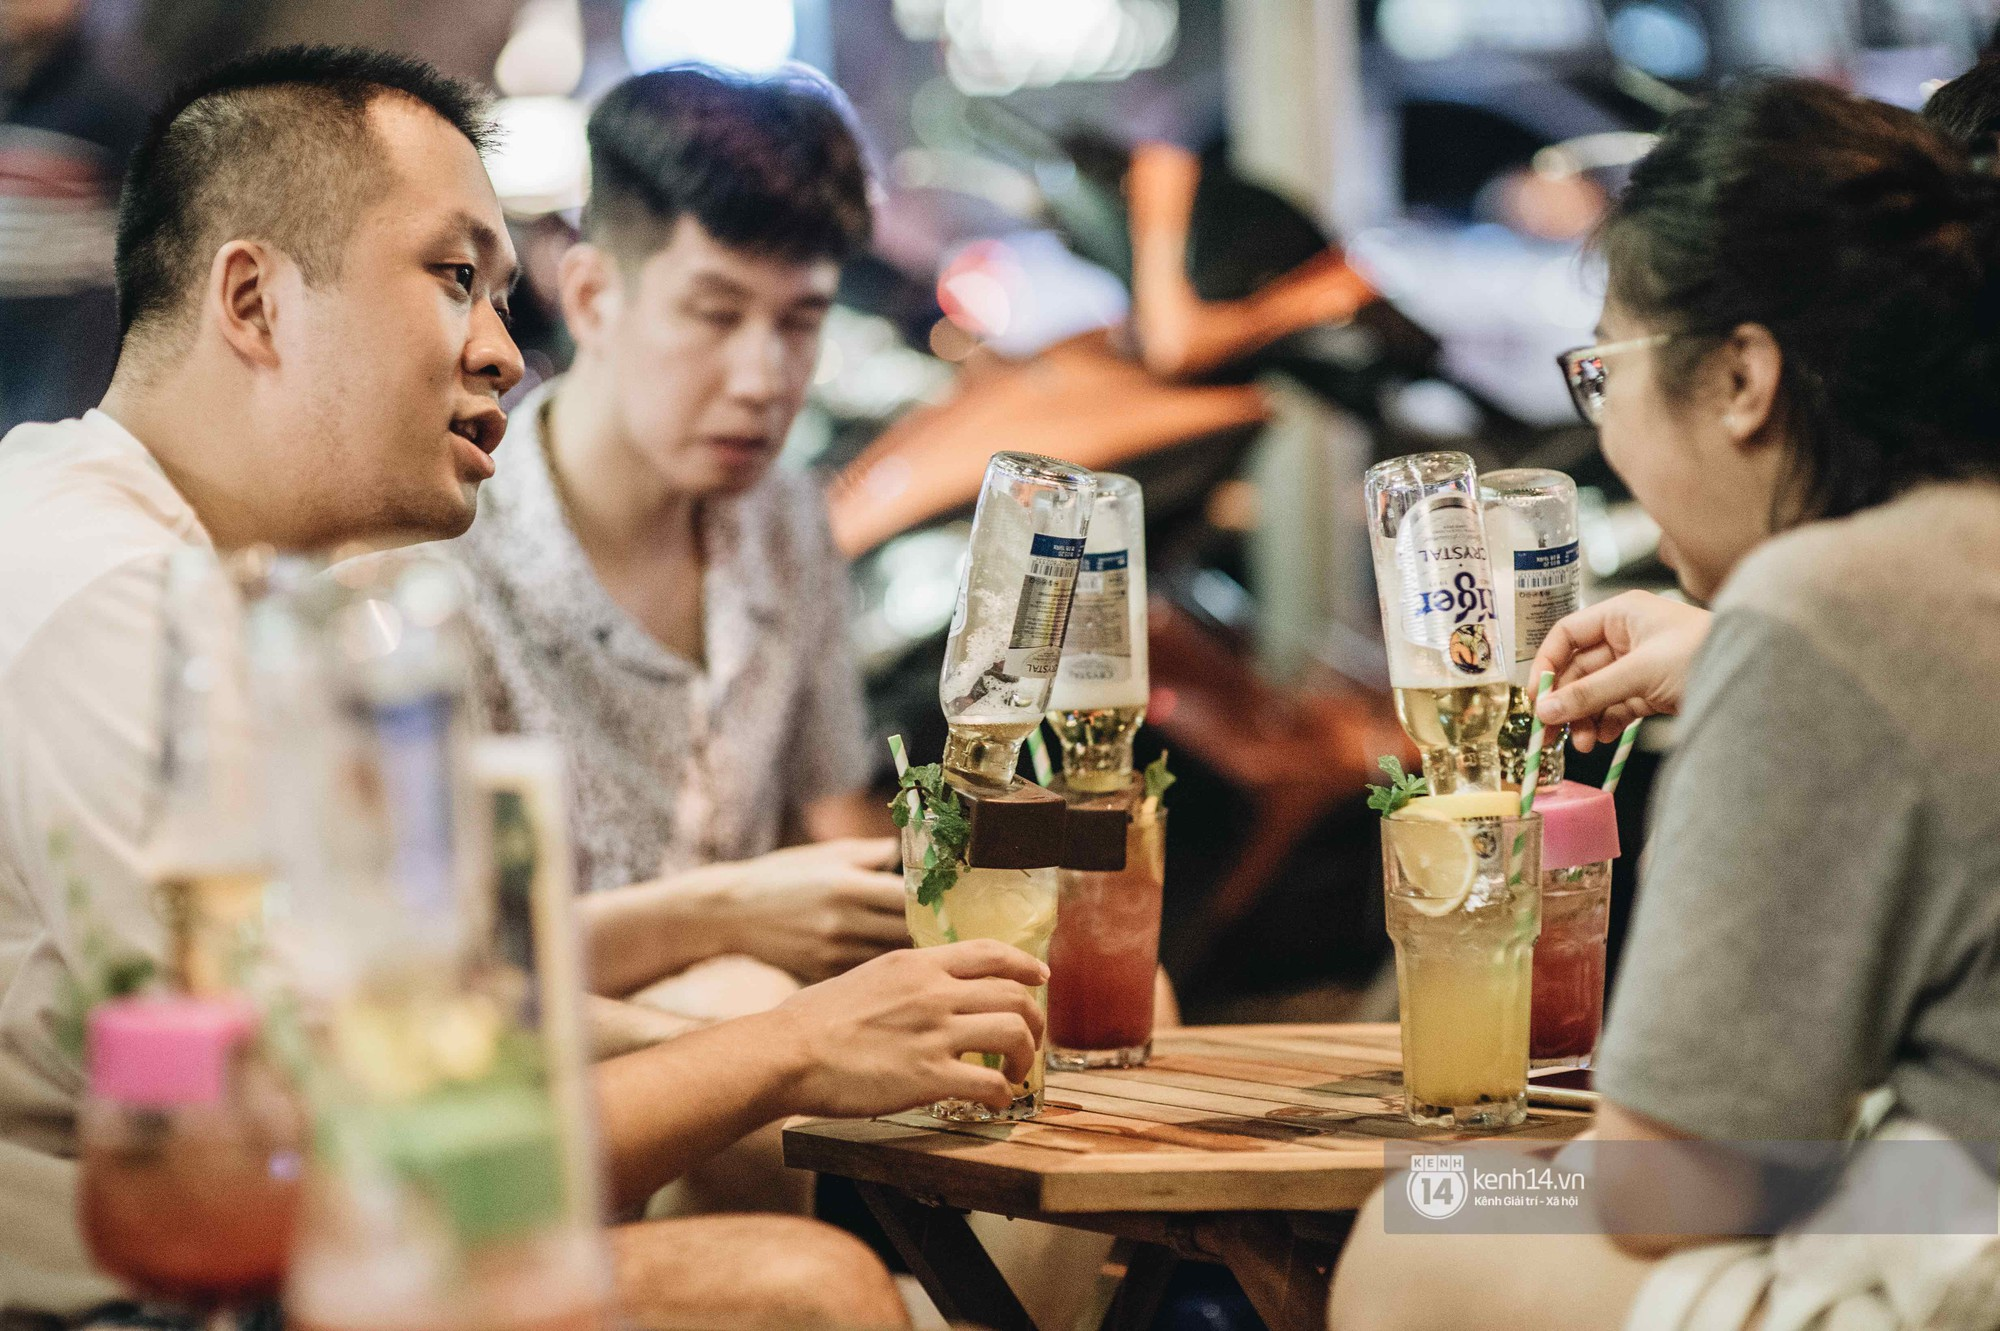 VZN News: Giới trẻ Hà Nội đổ xô đi thử bia úp ngược: chật kín chỗ, nhiều khách phải ngậm ngùi đi về - Ảnh 7.